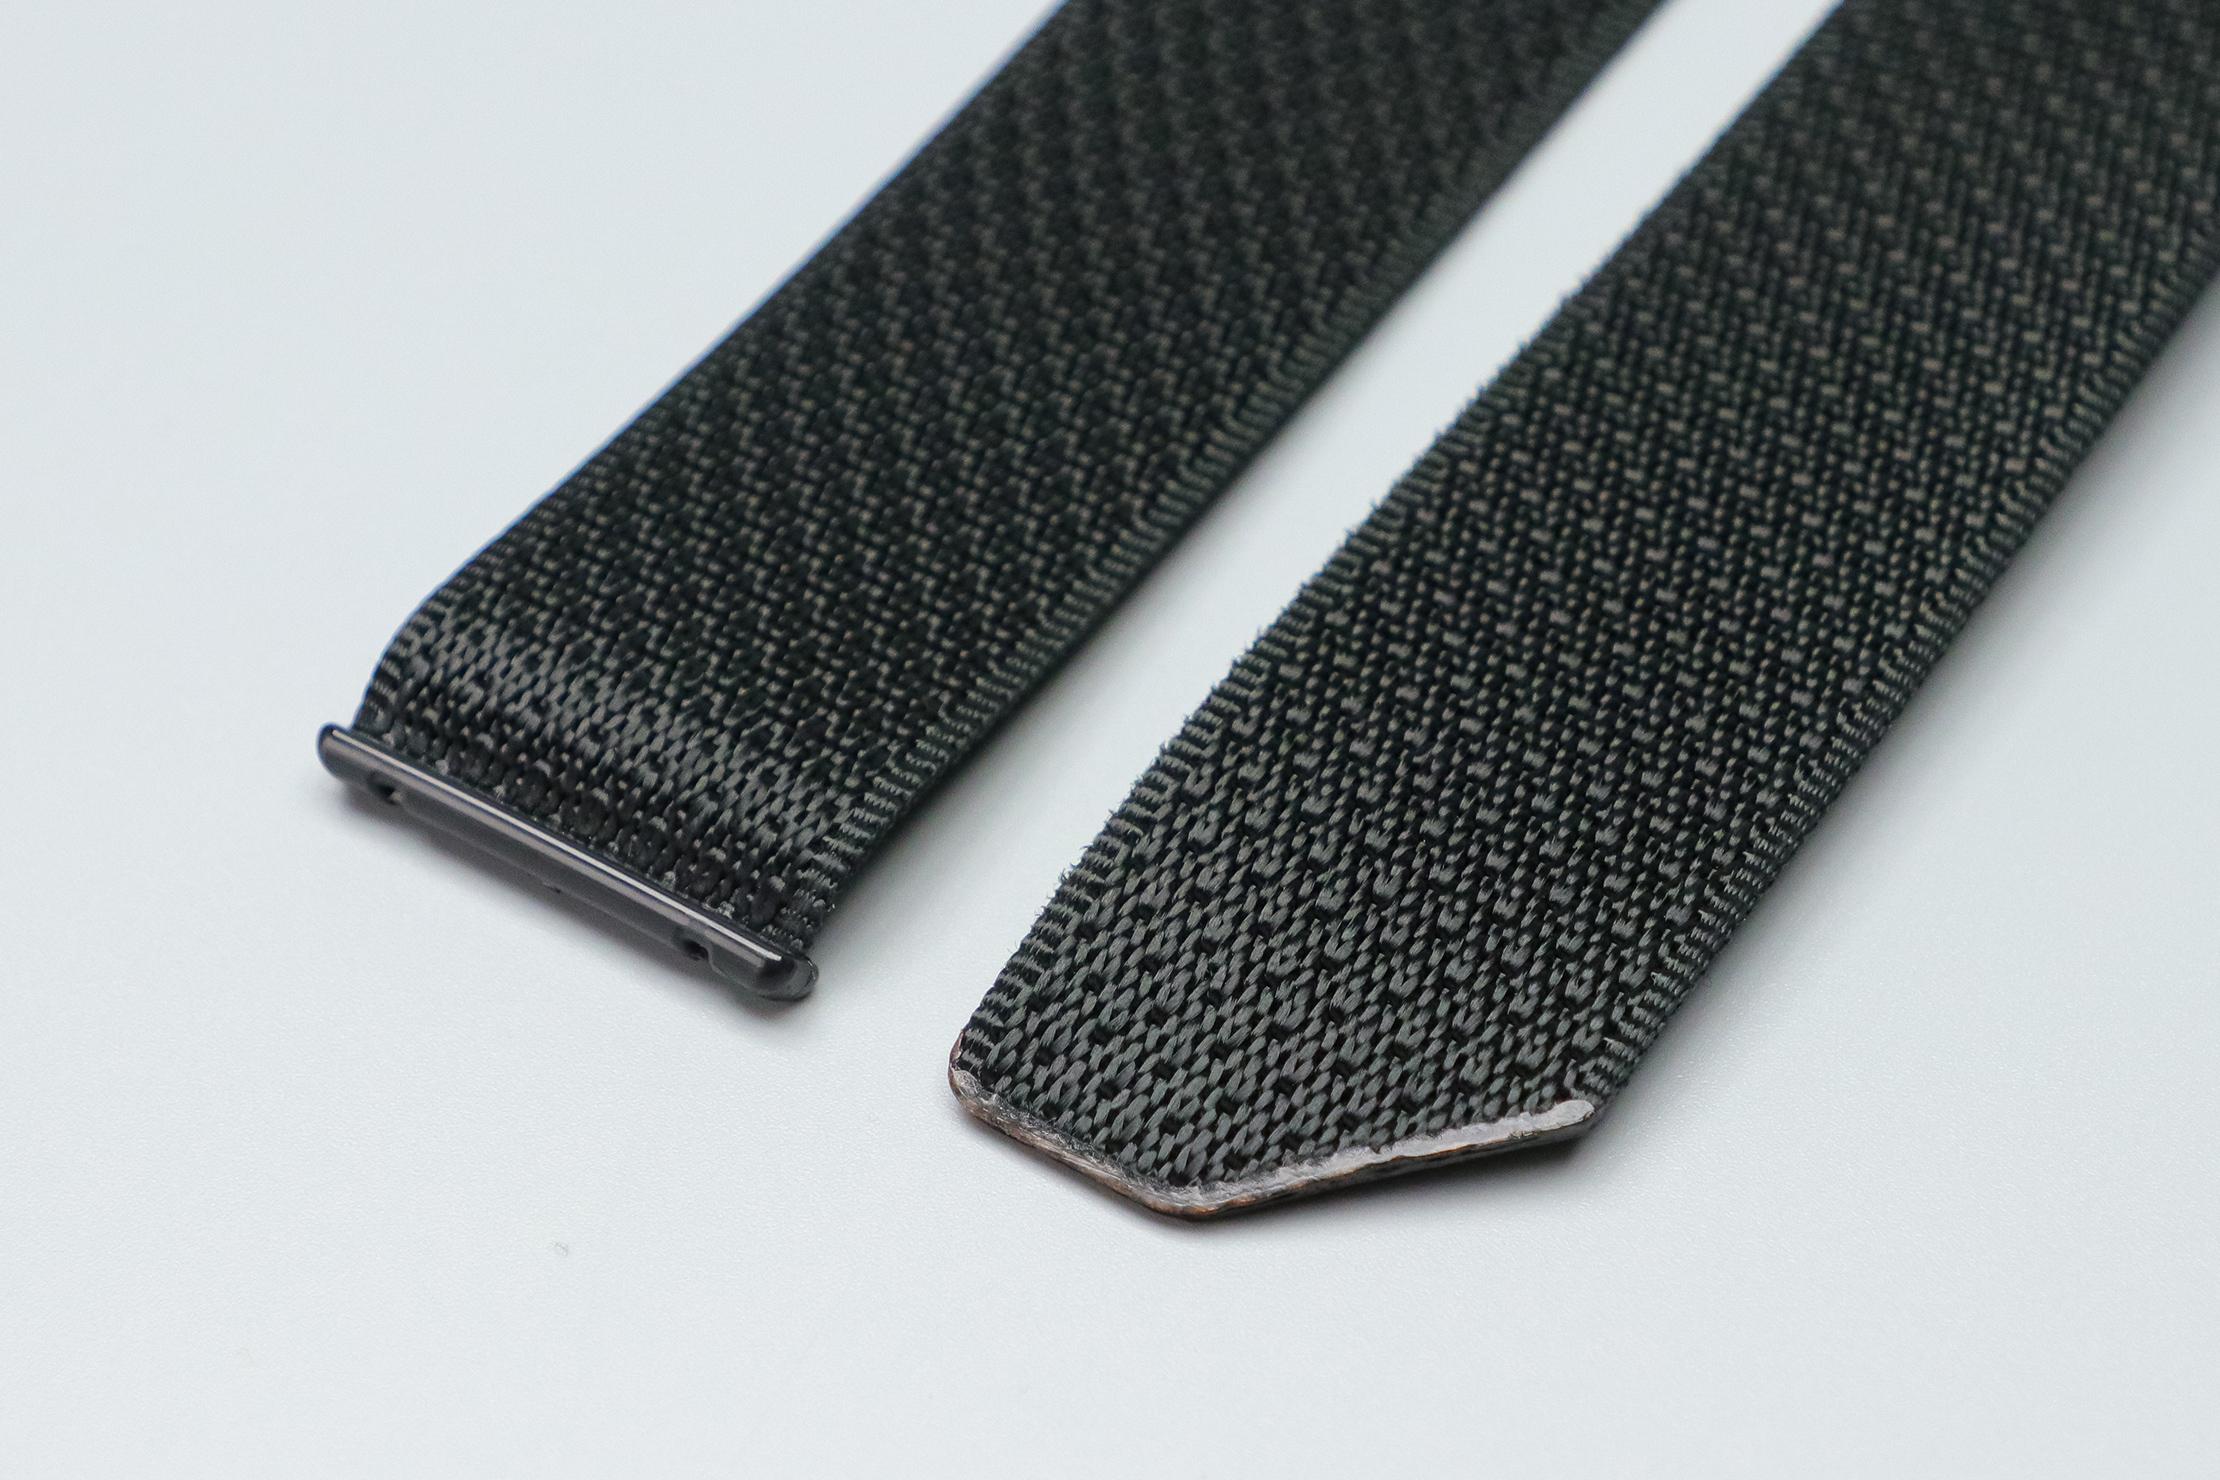 Grip6 Forged Carbon Fiber Belt Ends